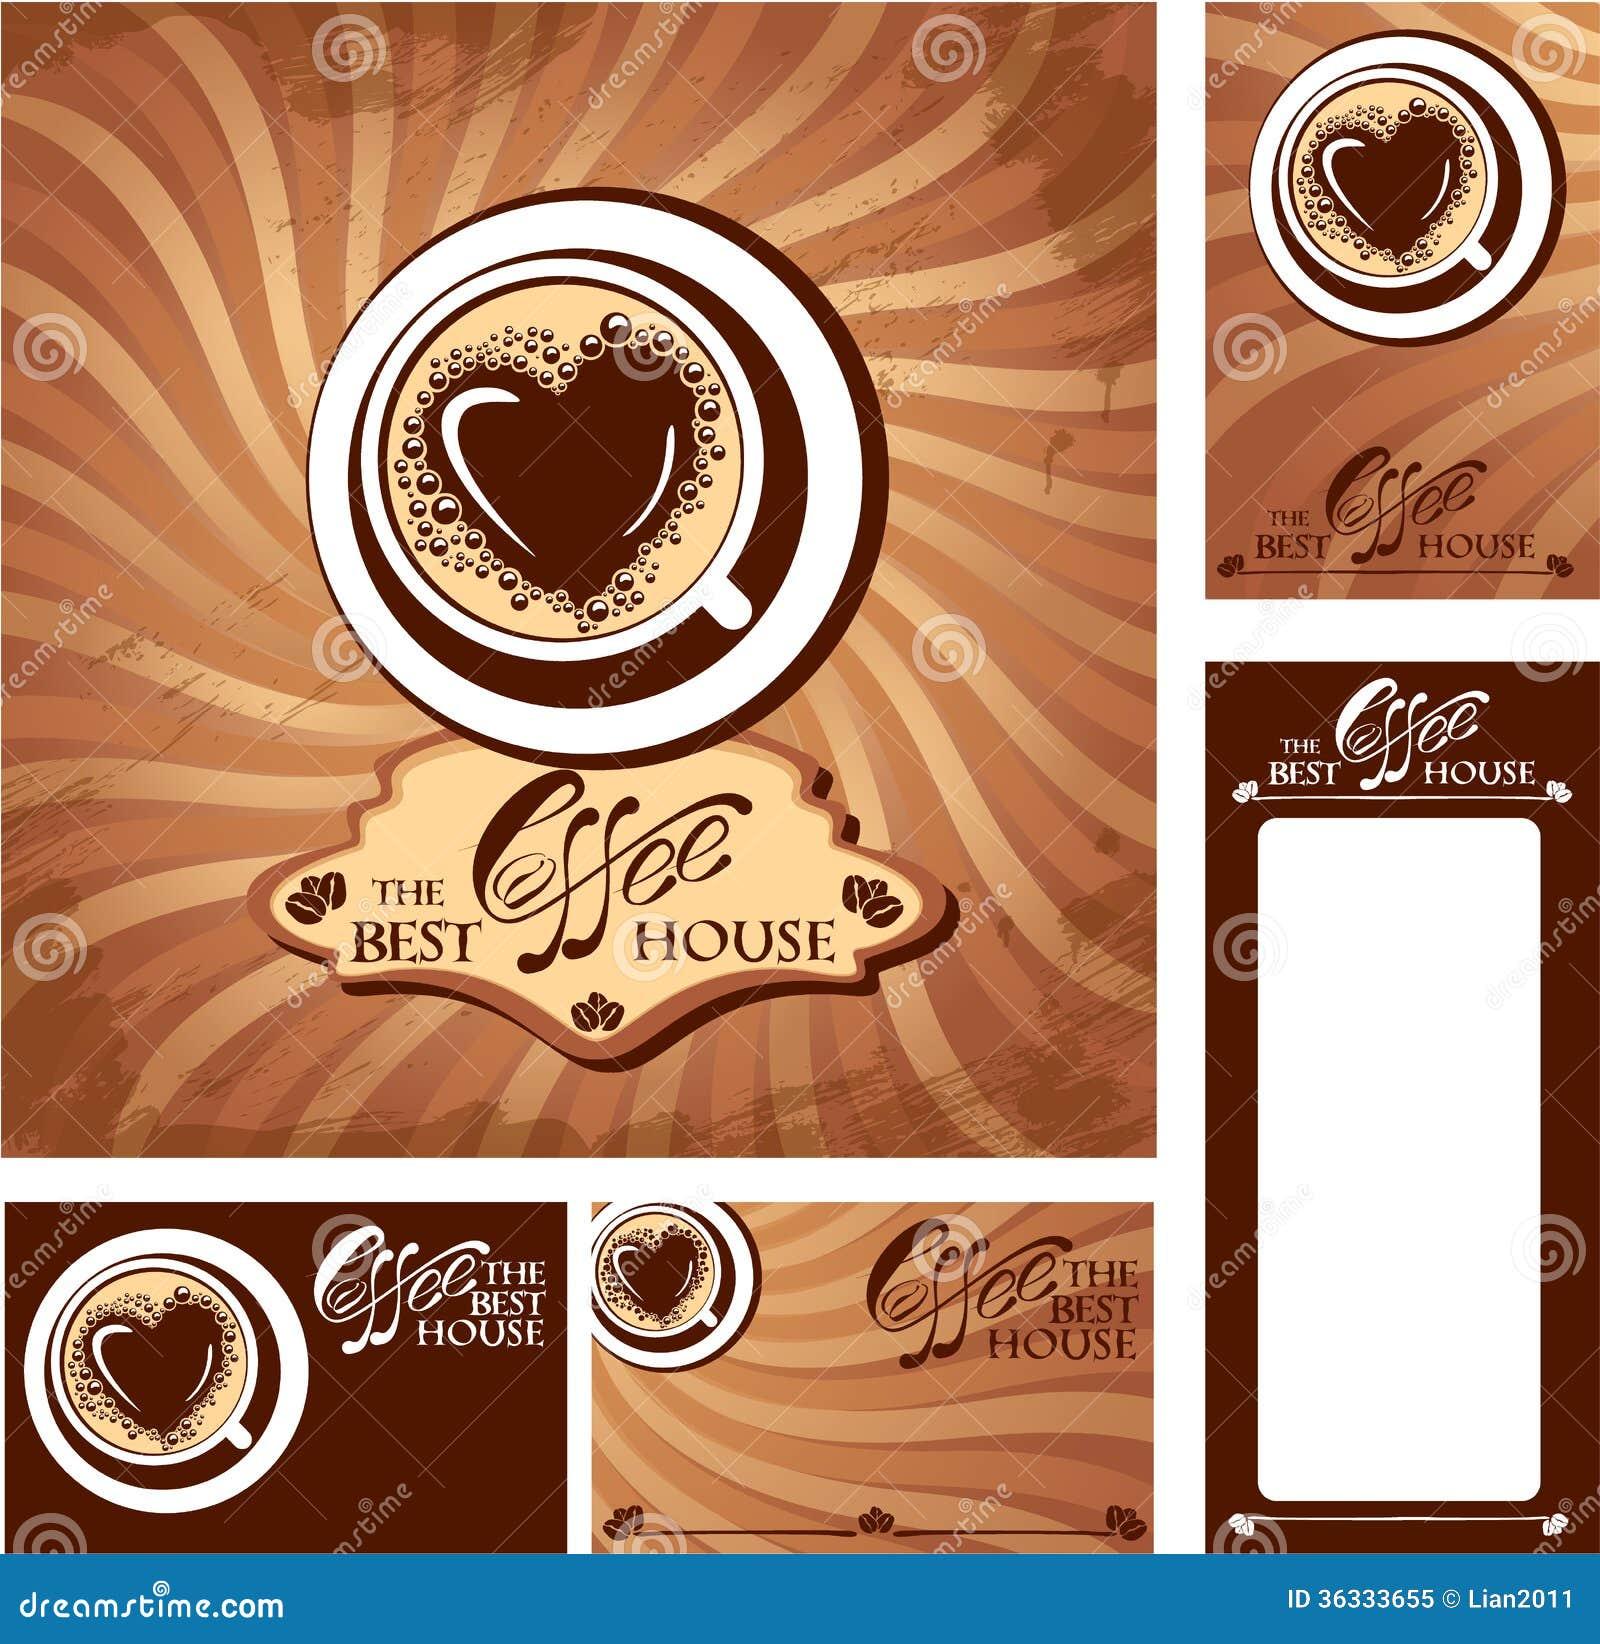 Dise os de la plantilla de tarjetas del men y de visita for Disenos de menus para cafeterias